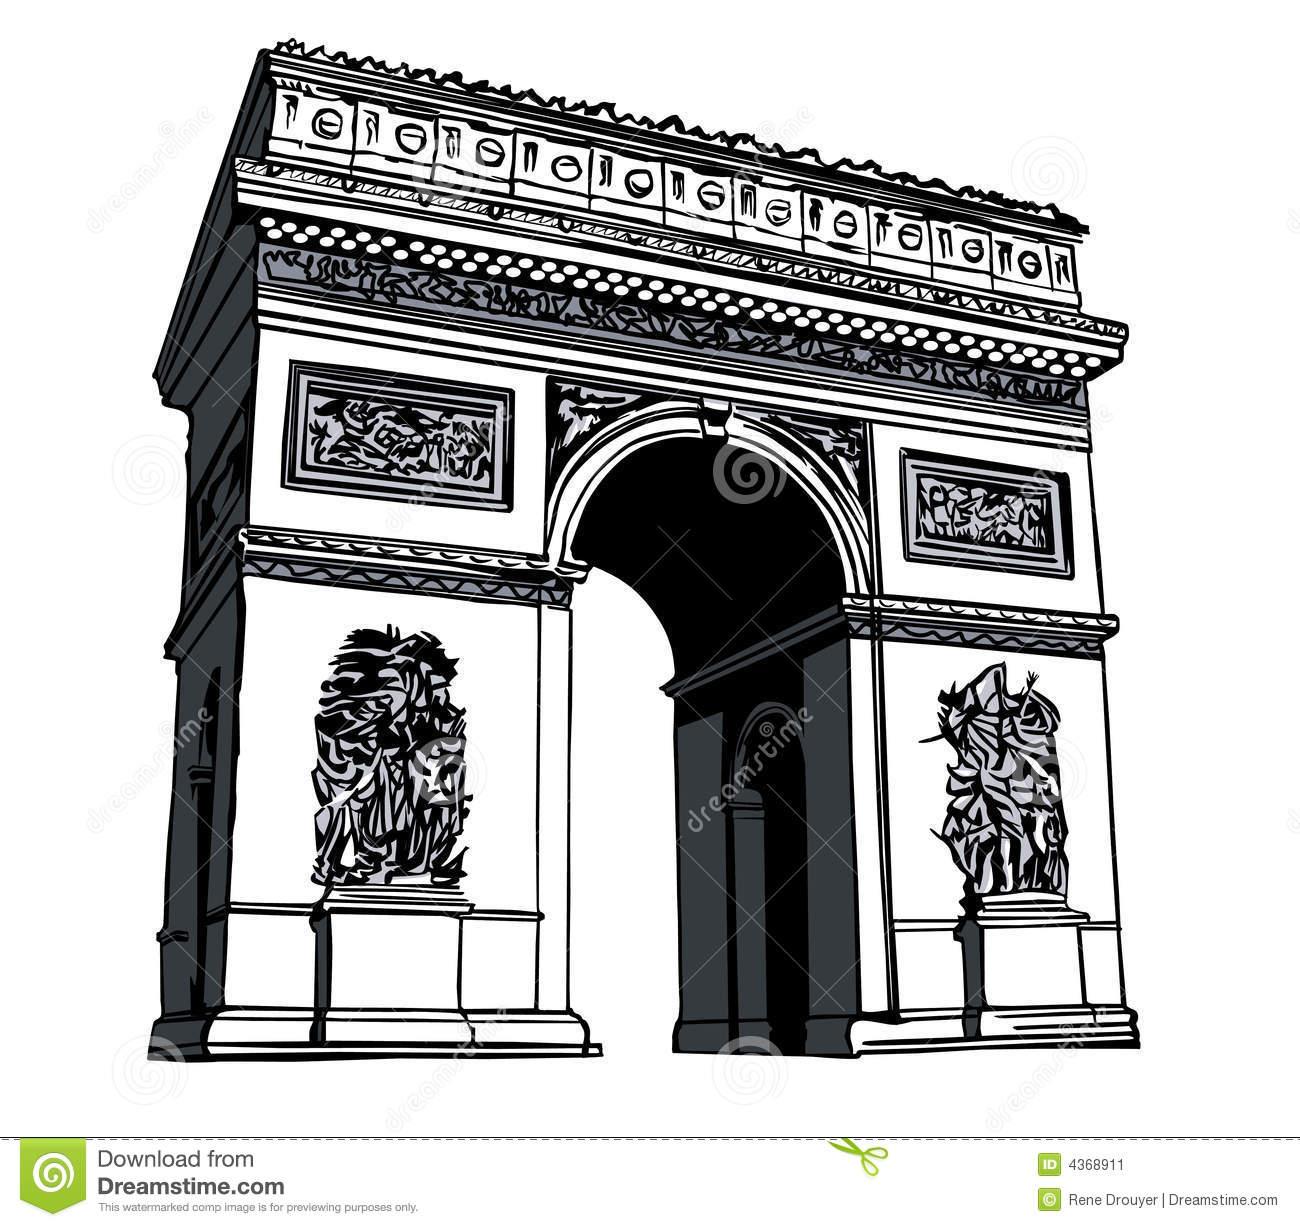 Arc de triomphe clipart free.